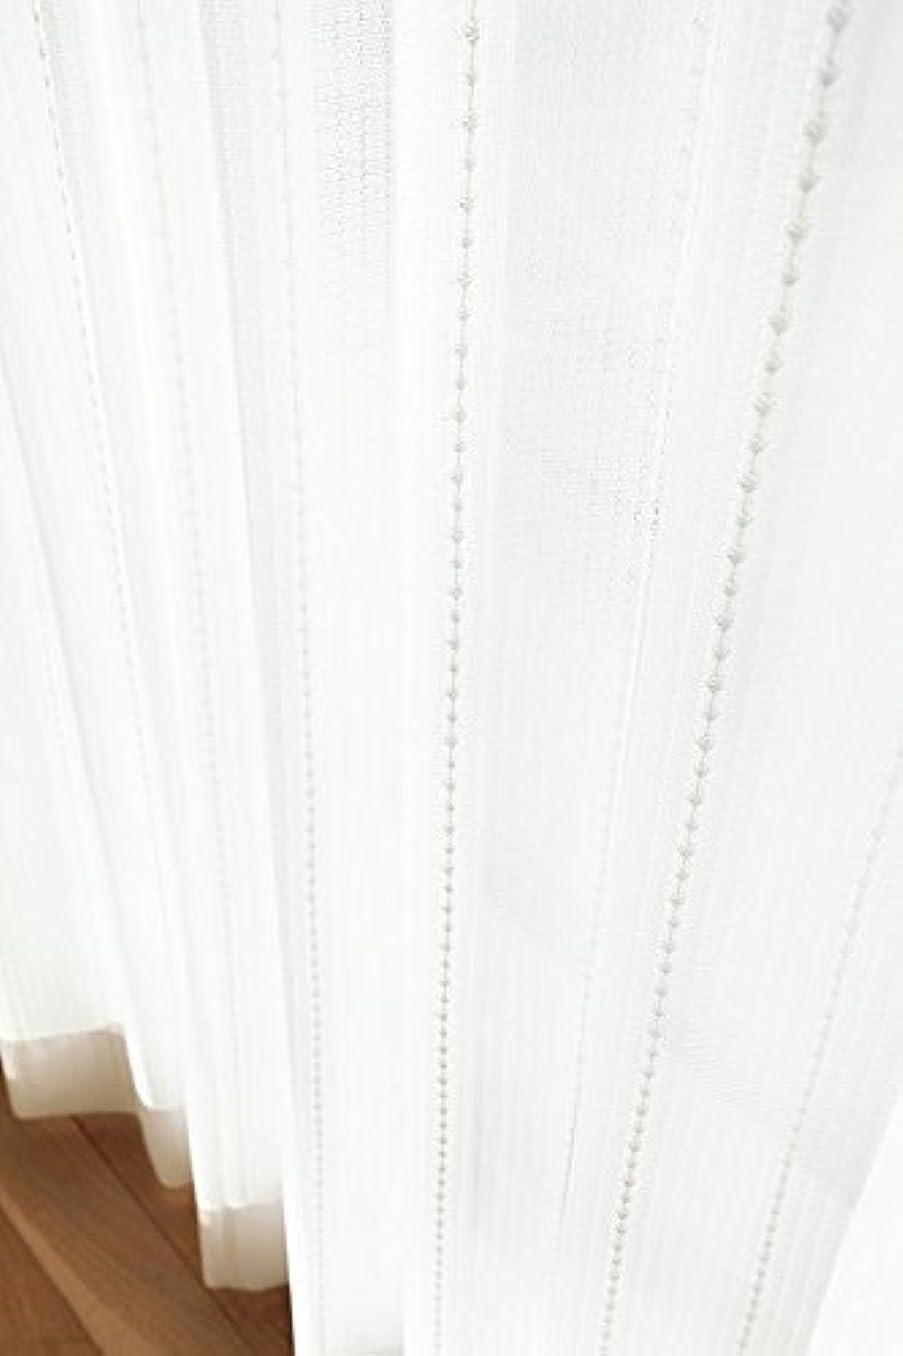 珍味ブルーム飲食店東リ ボリューム感をもたせたドットのストライプ フラットカーテン1.3倍ヒダ KSA60467 幅:250cm ×丈:230cm (2枚組)オーダーカーテン